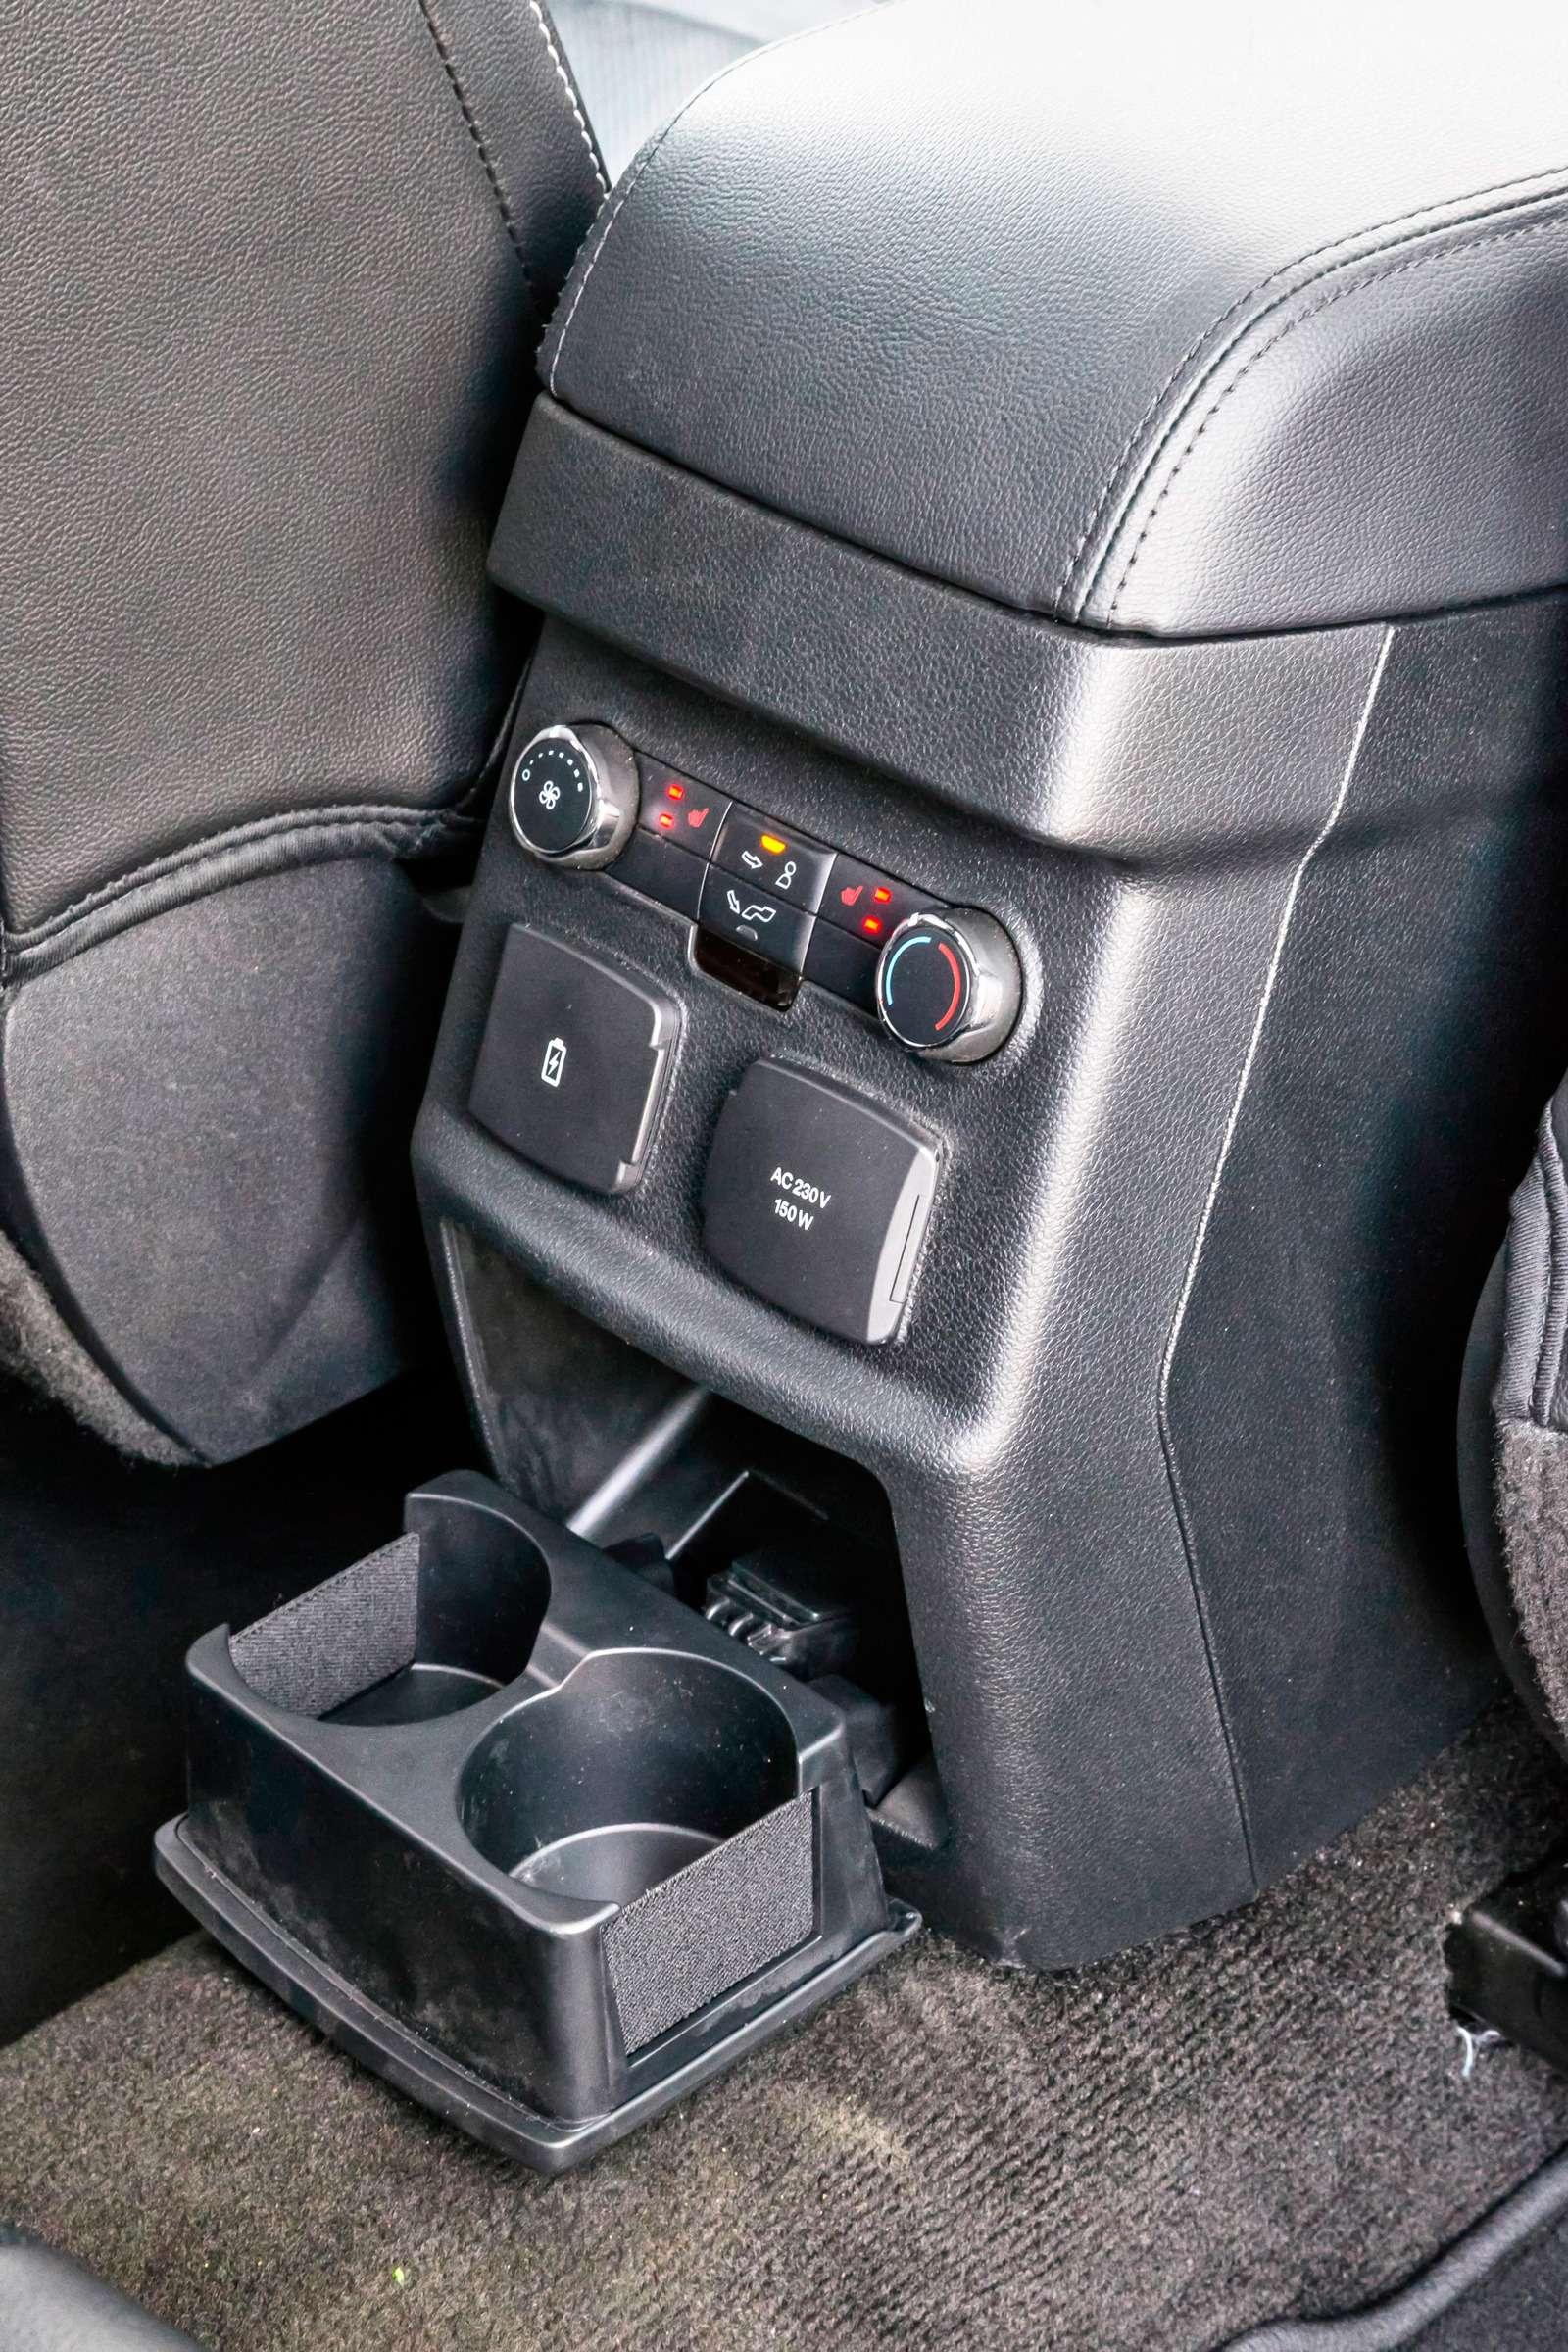 Тест полноразмерных кроссоверов: Honda Pilot, Kia Sorento Prime иFord Explorer— фото 614967